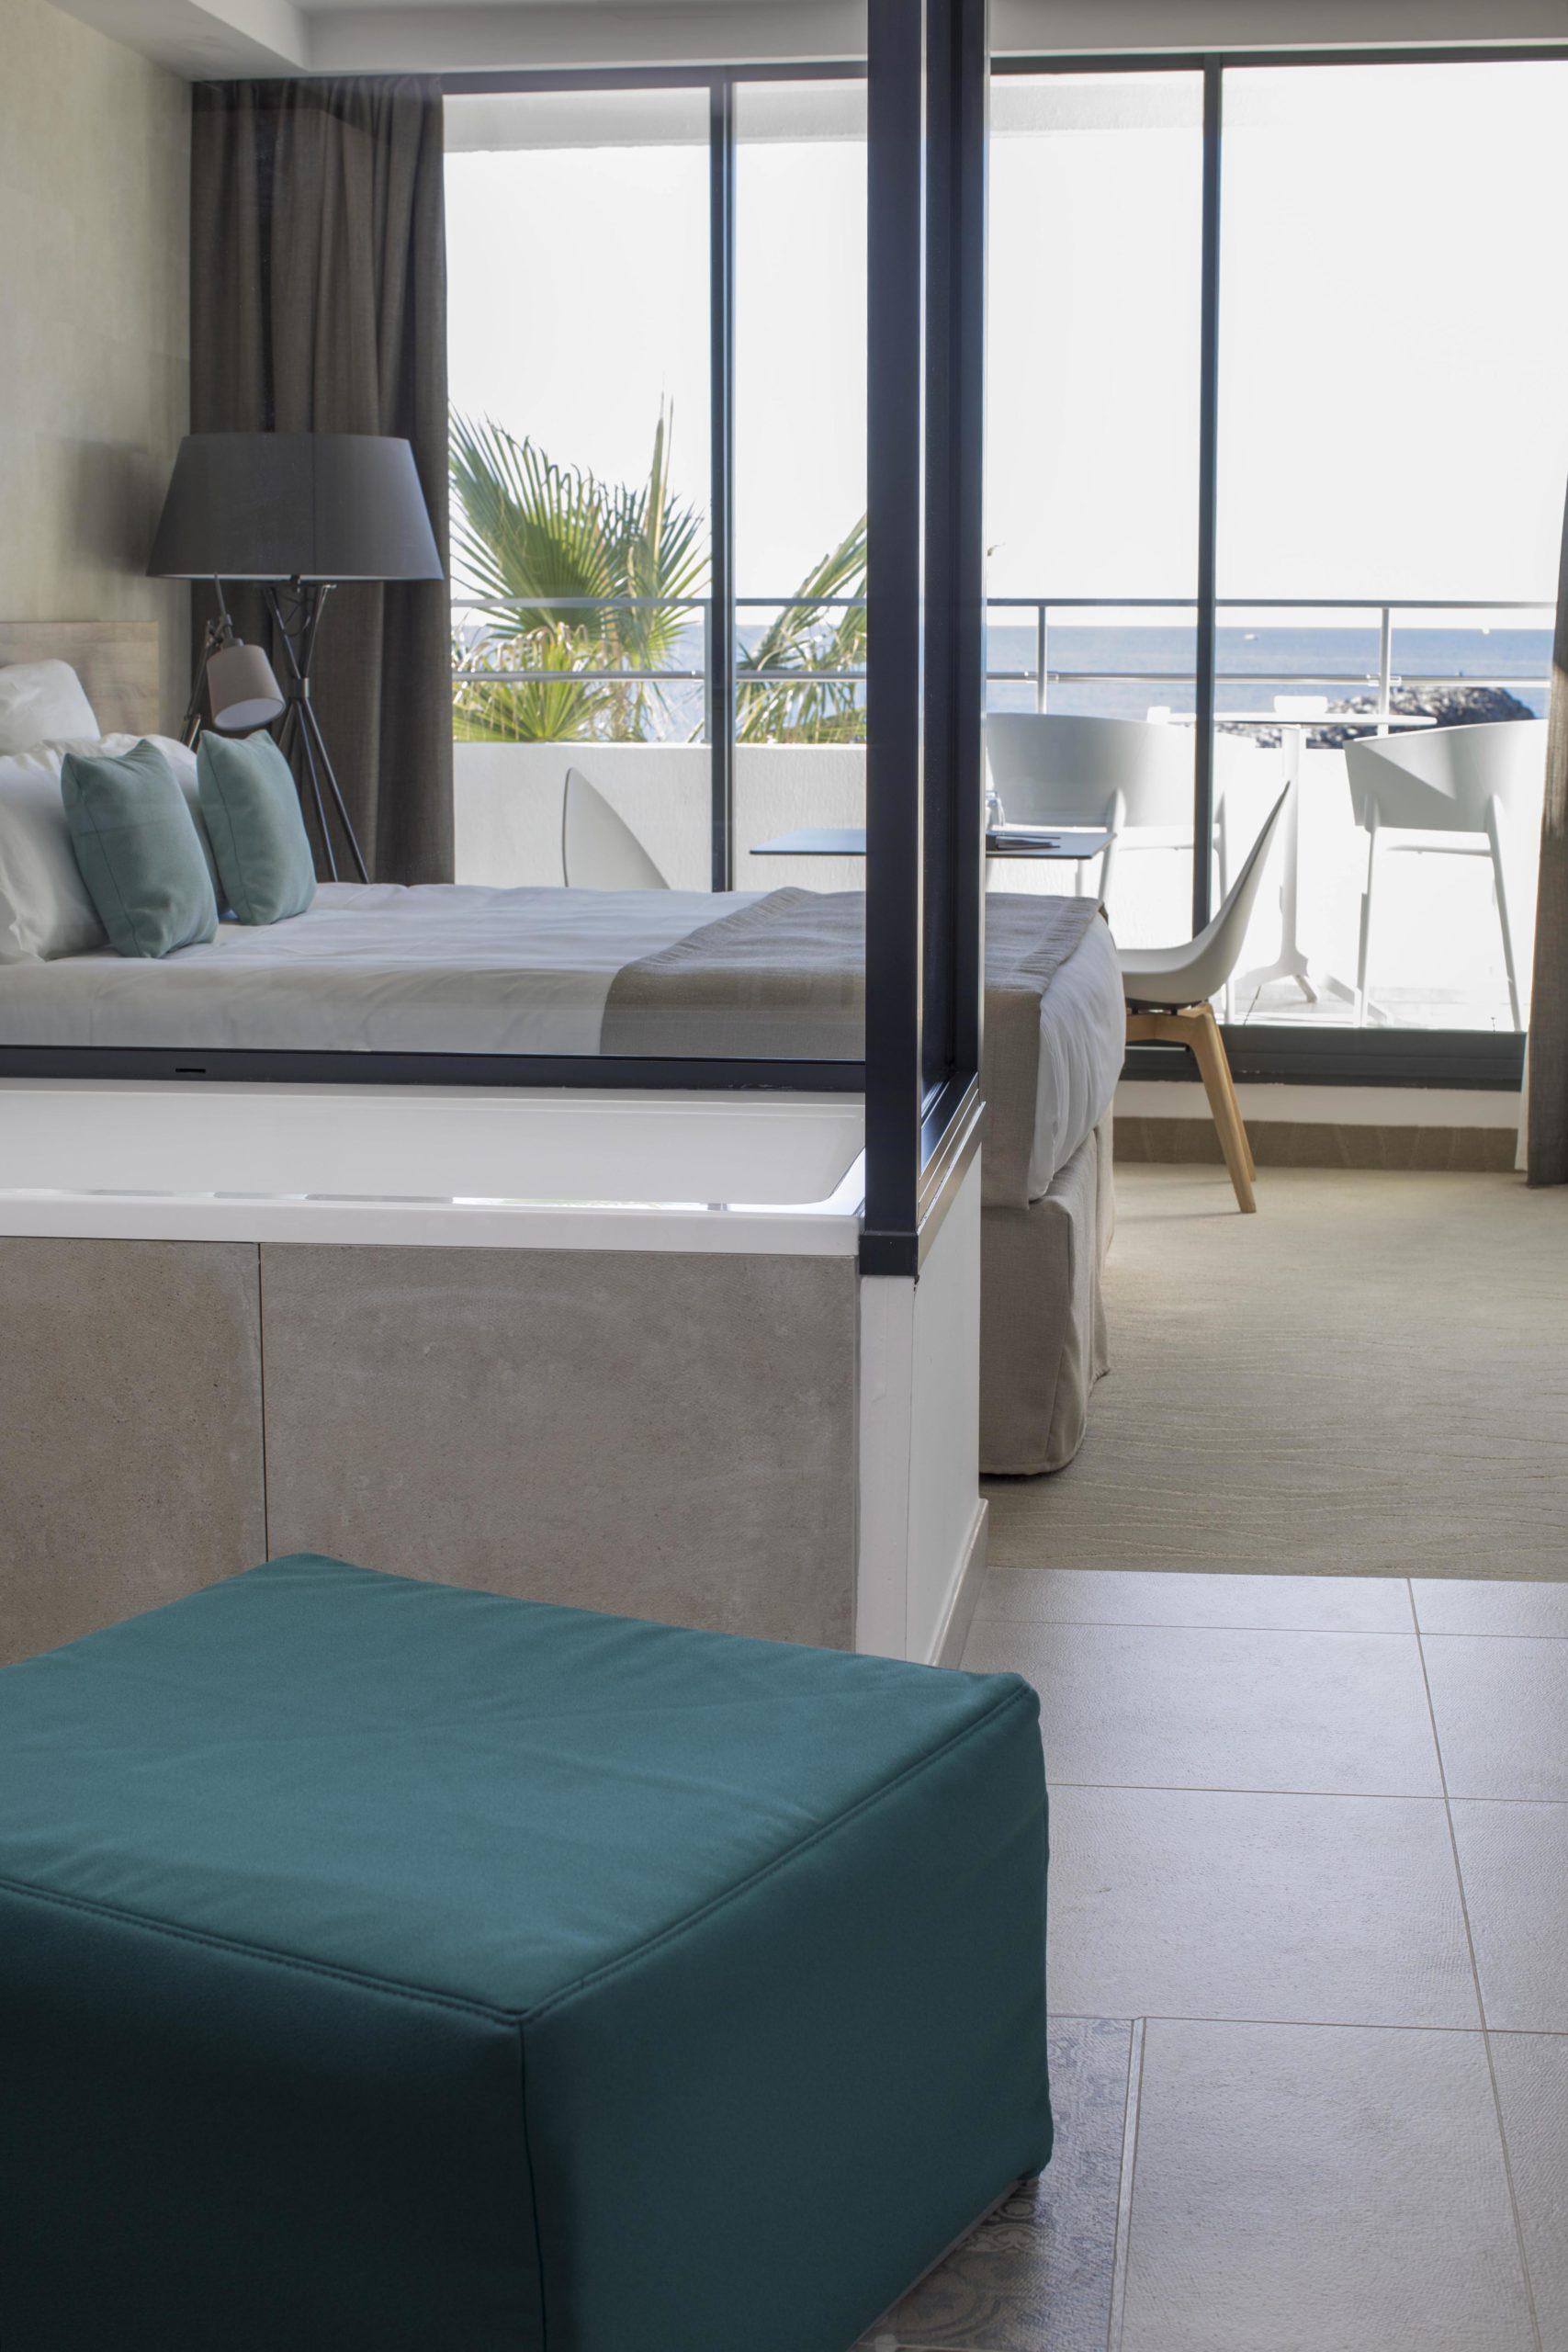 Chambre Deluxe très lumineuse avec des espaces conçus pour ne jamais perdre de vue la mer, hôtel 5 étoiles bord de mer, Hôtel La Plage.